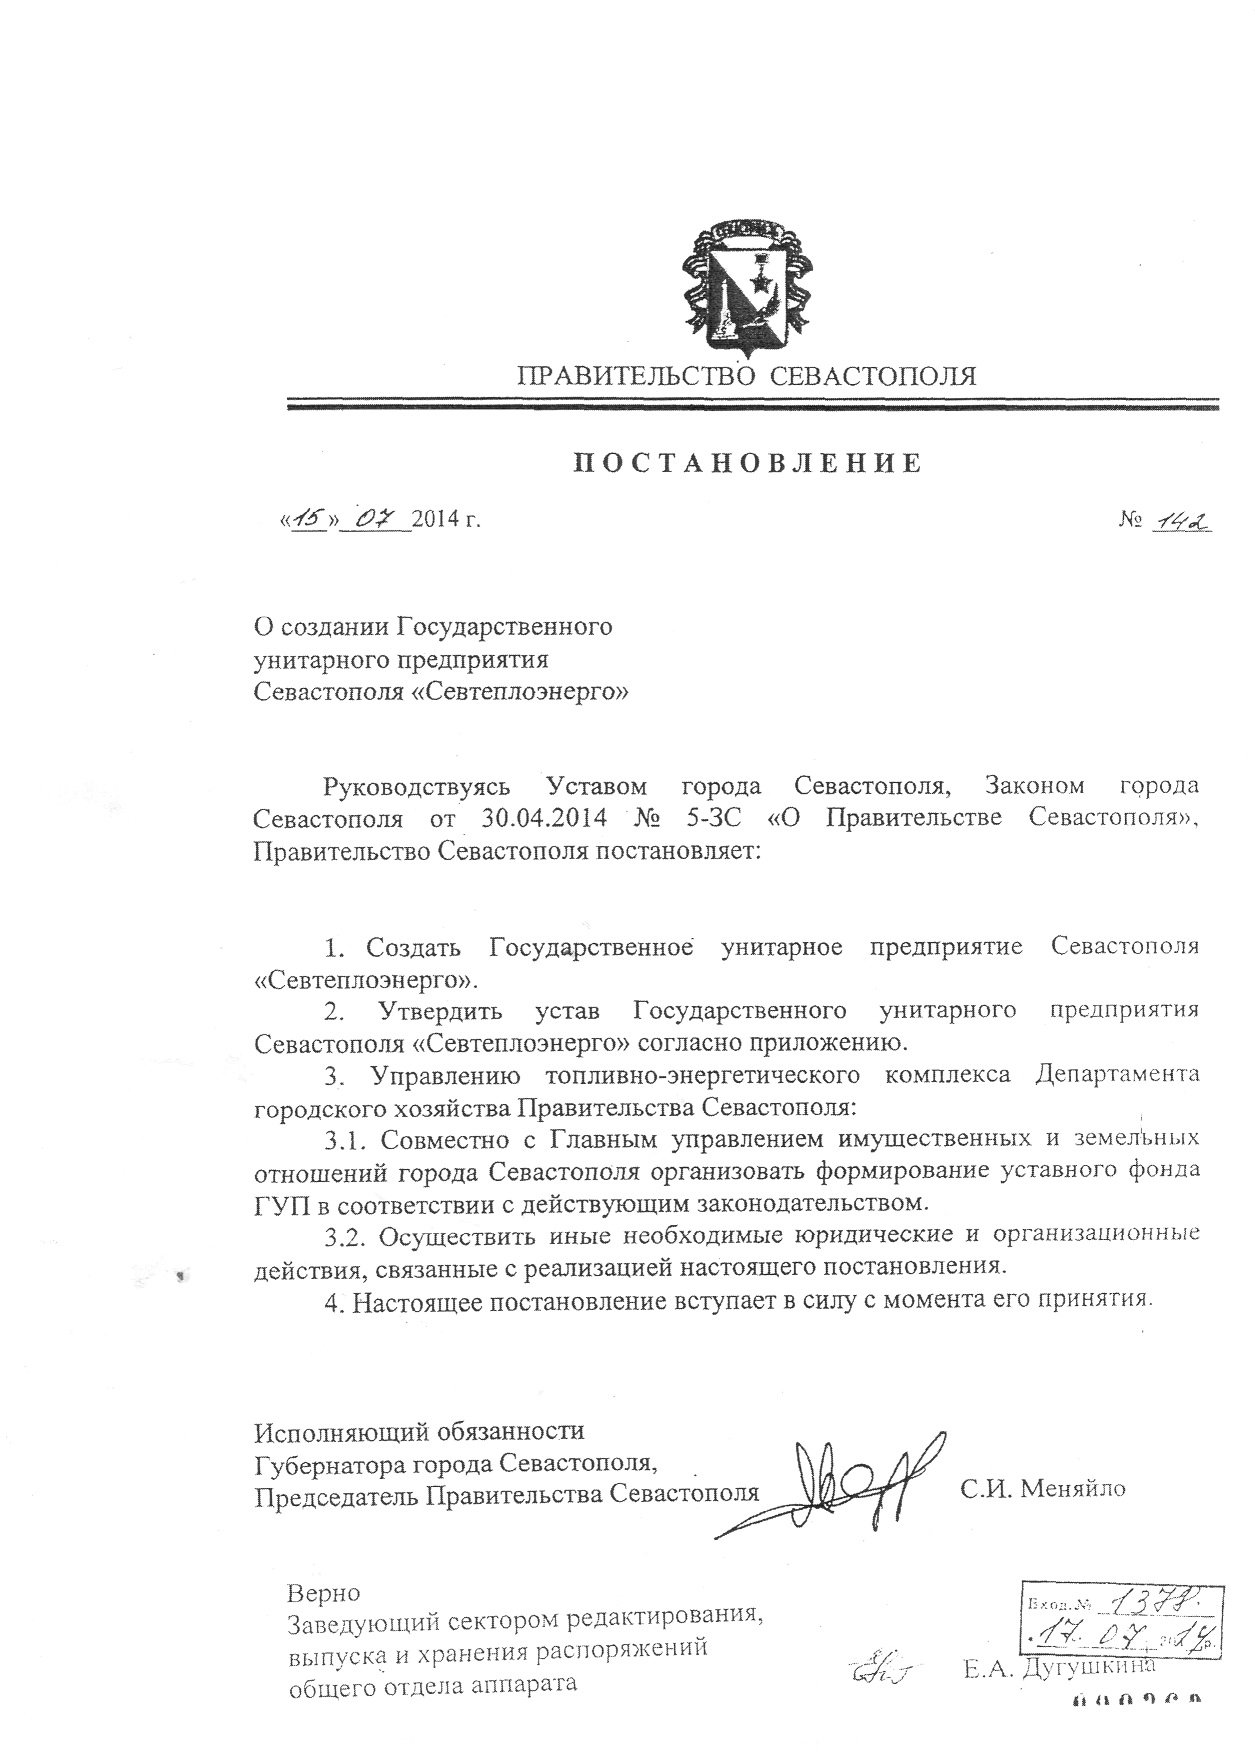 Постановление Правительства Севастополя от 15.07.2014 г. № 142